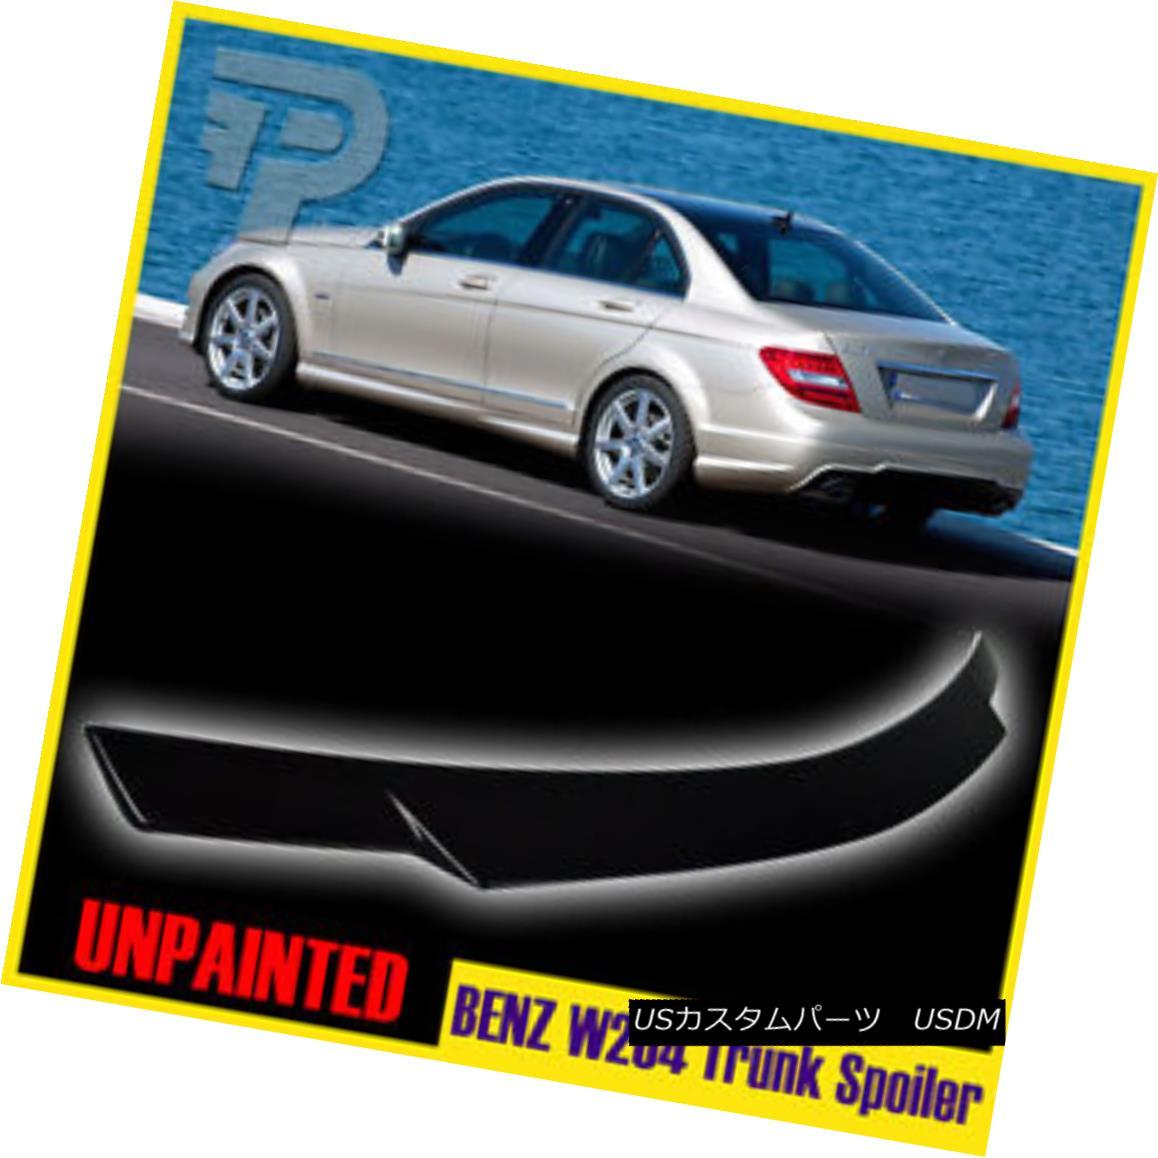 エアロパーツ Unpainted Mercedes BENZ C-Class W204 Sedan V Style Rear Trunk Spoiler 13 C250 未塗装メルセデスベンツCクラスW204セダンVスタイルリアトランク・スポイラー13 C250